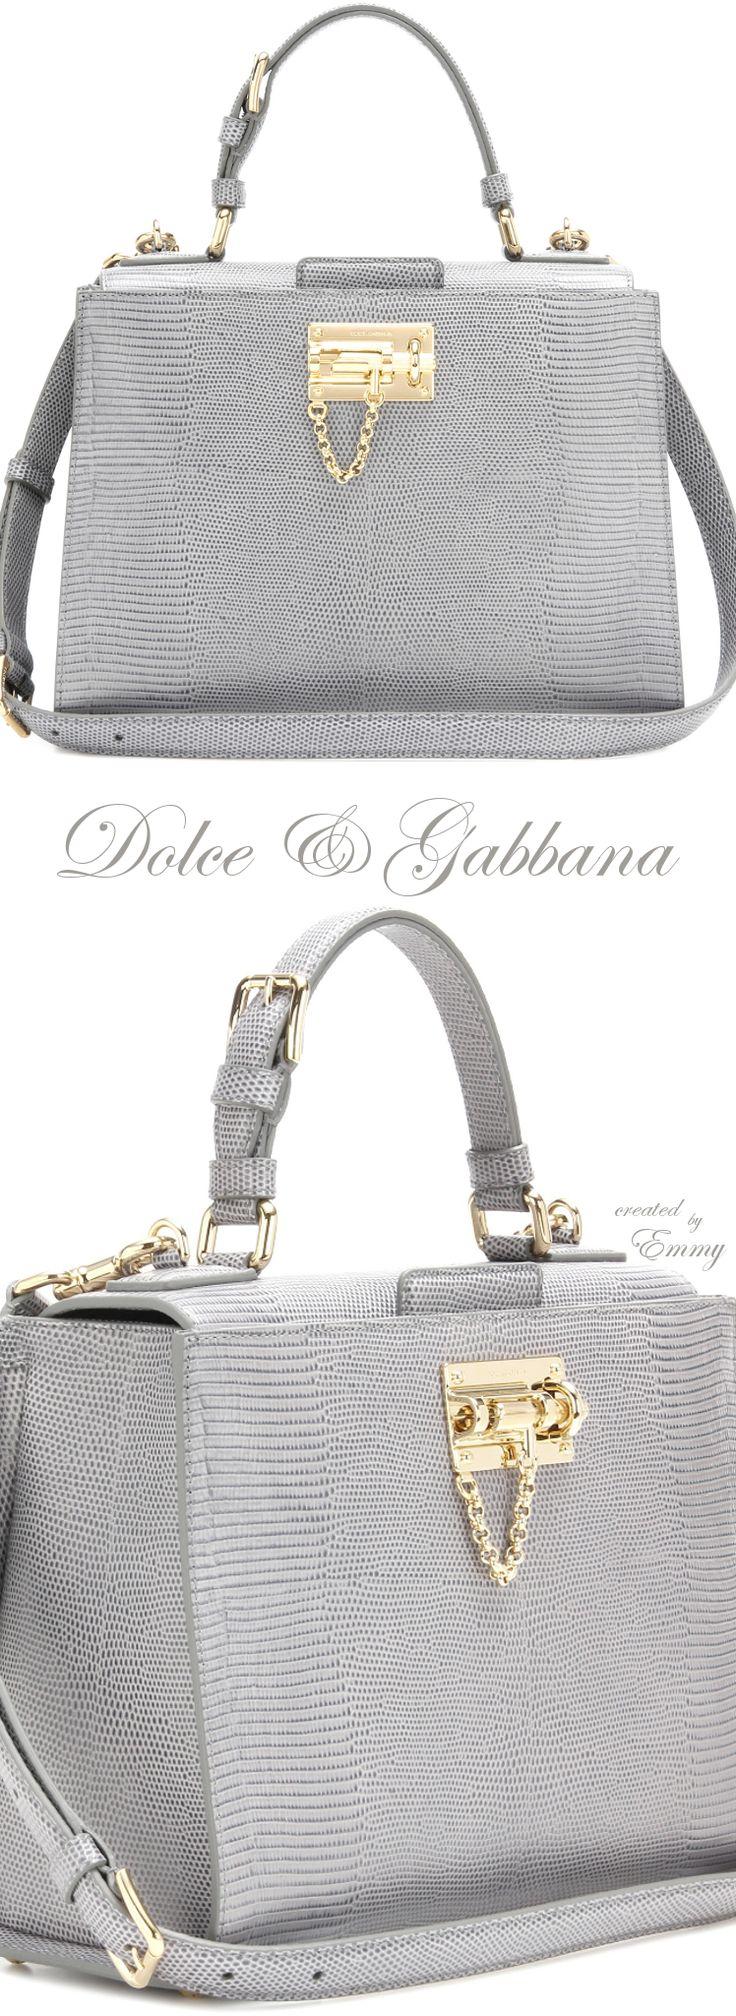 Emmy DE * Dolce & Gabbana Embossed leather shoulder bag